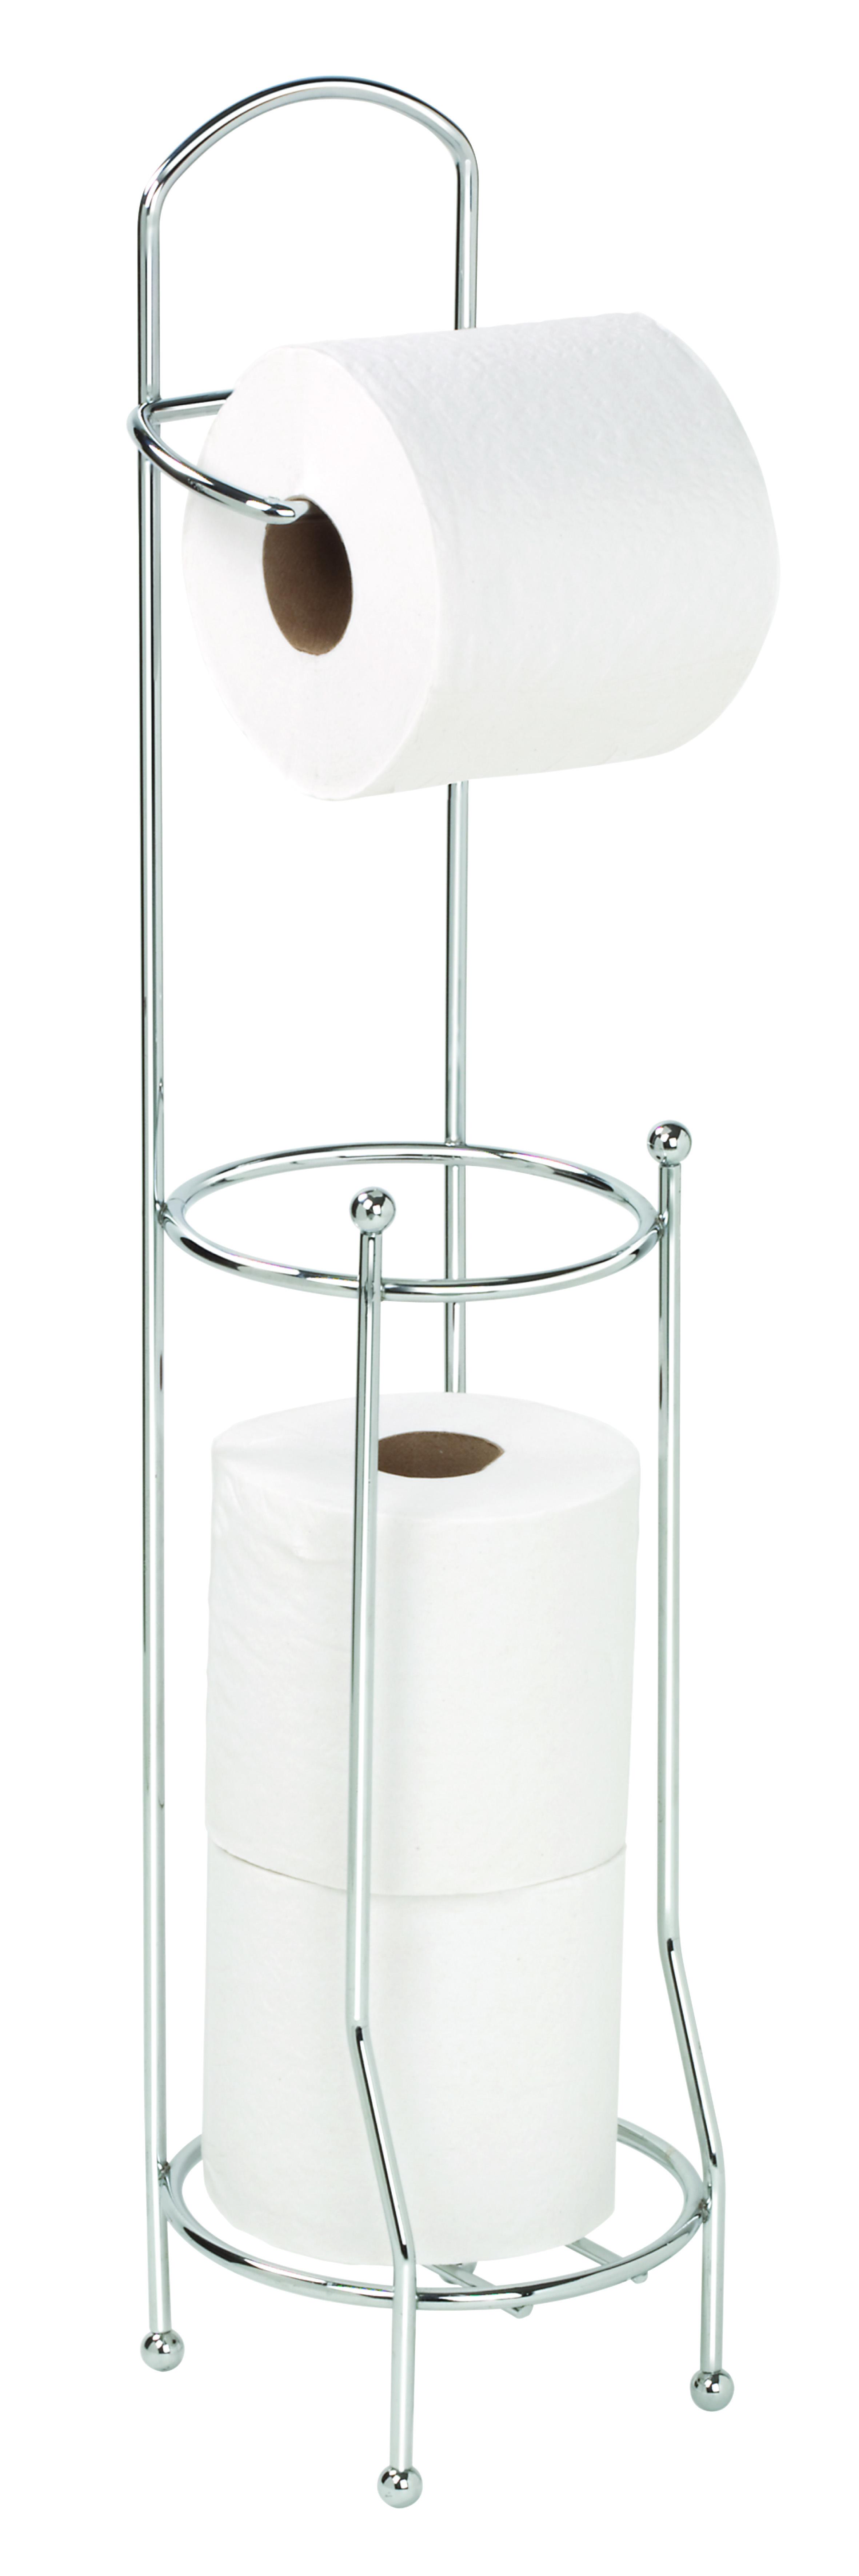 цены Держатель для туалетной бумаги Vanstore 901-55, серебристый